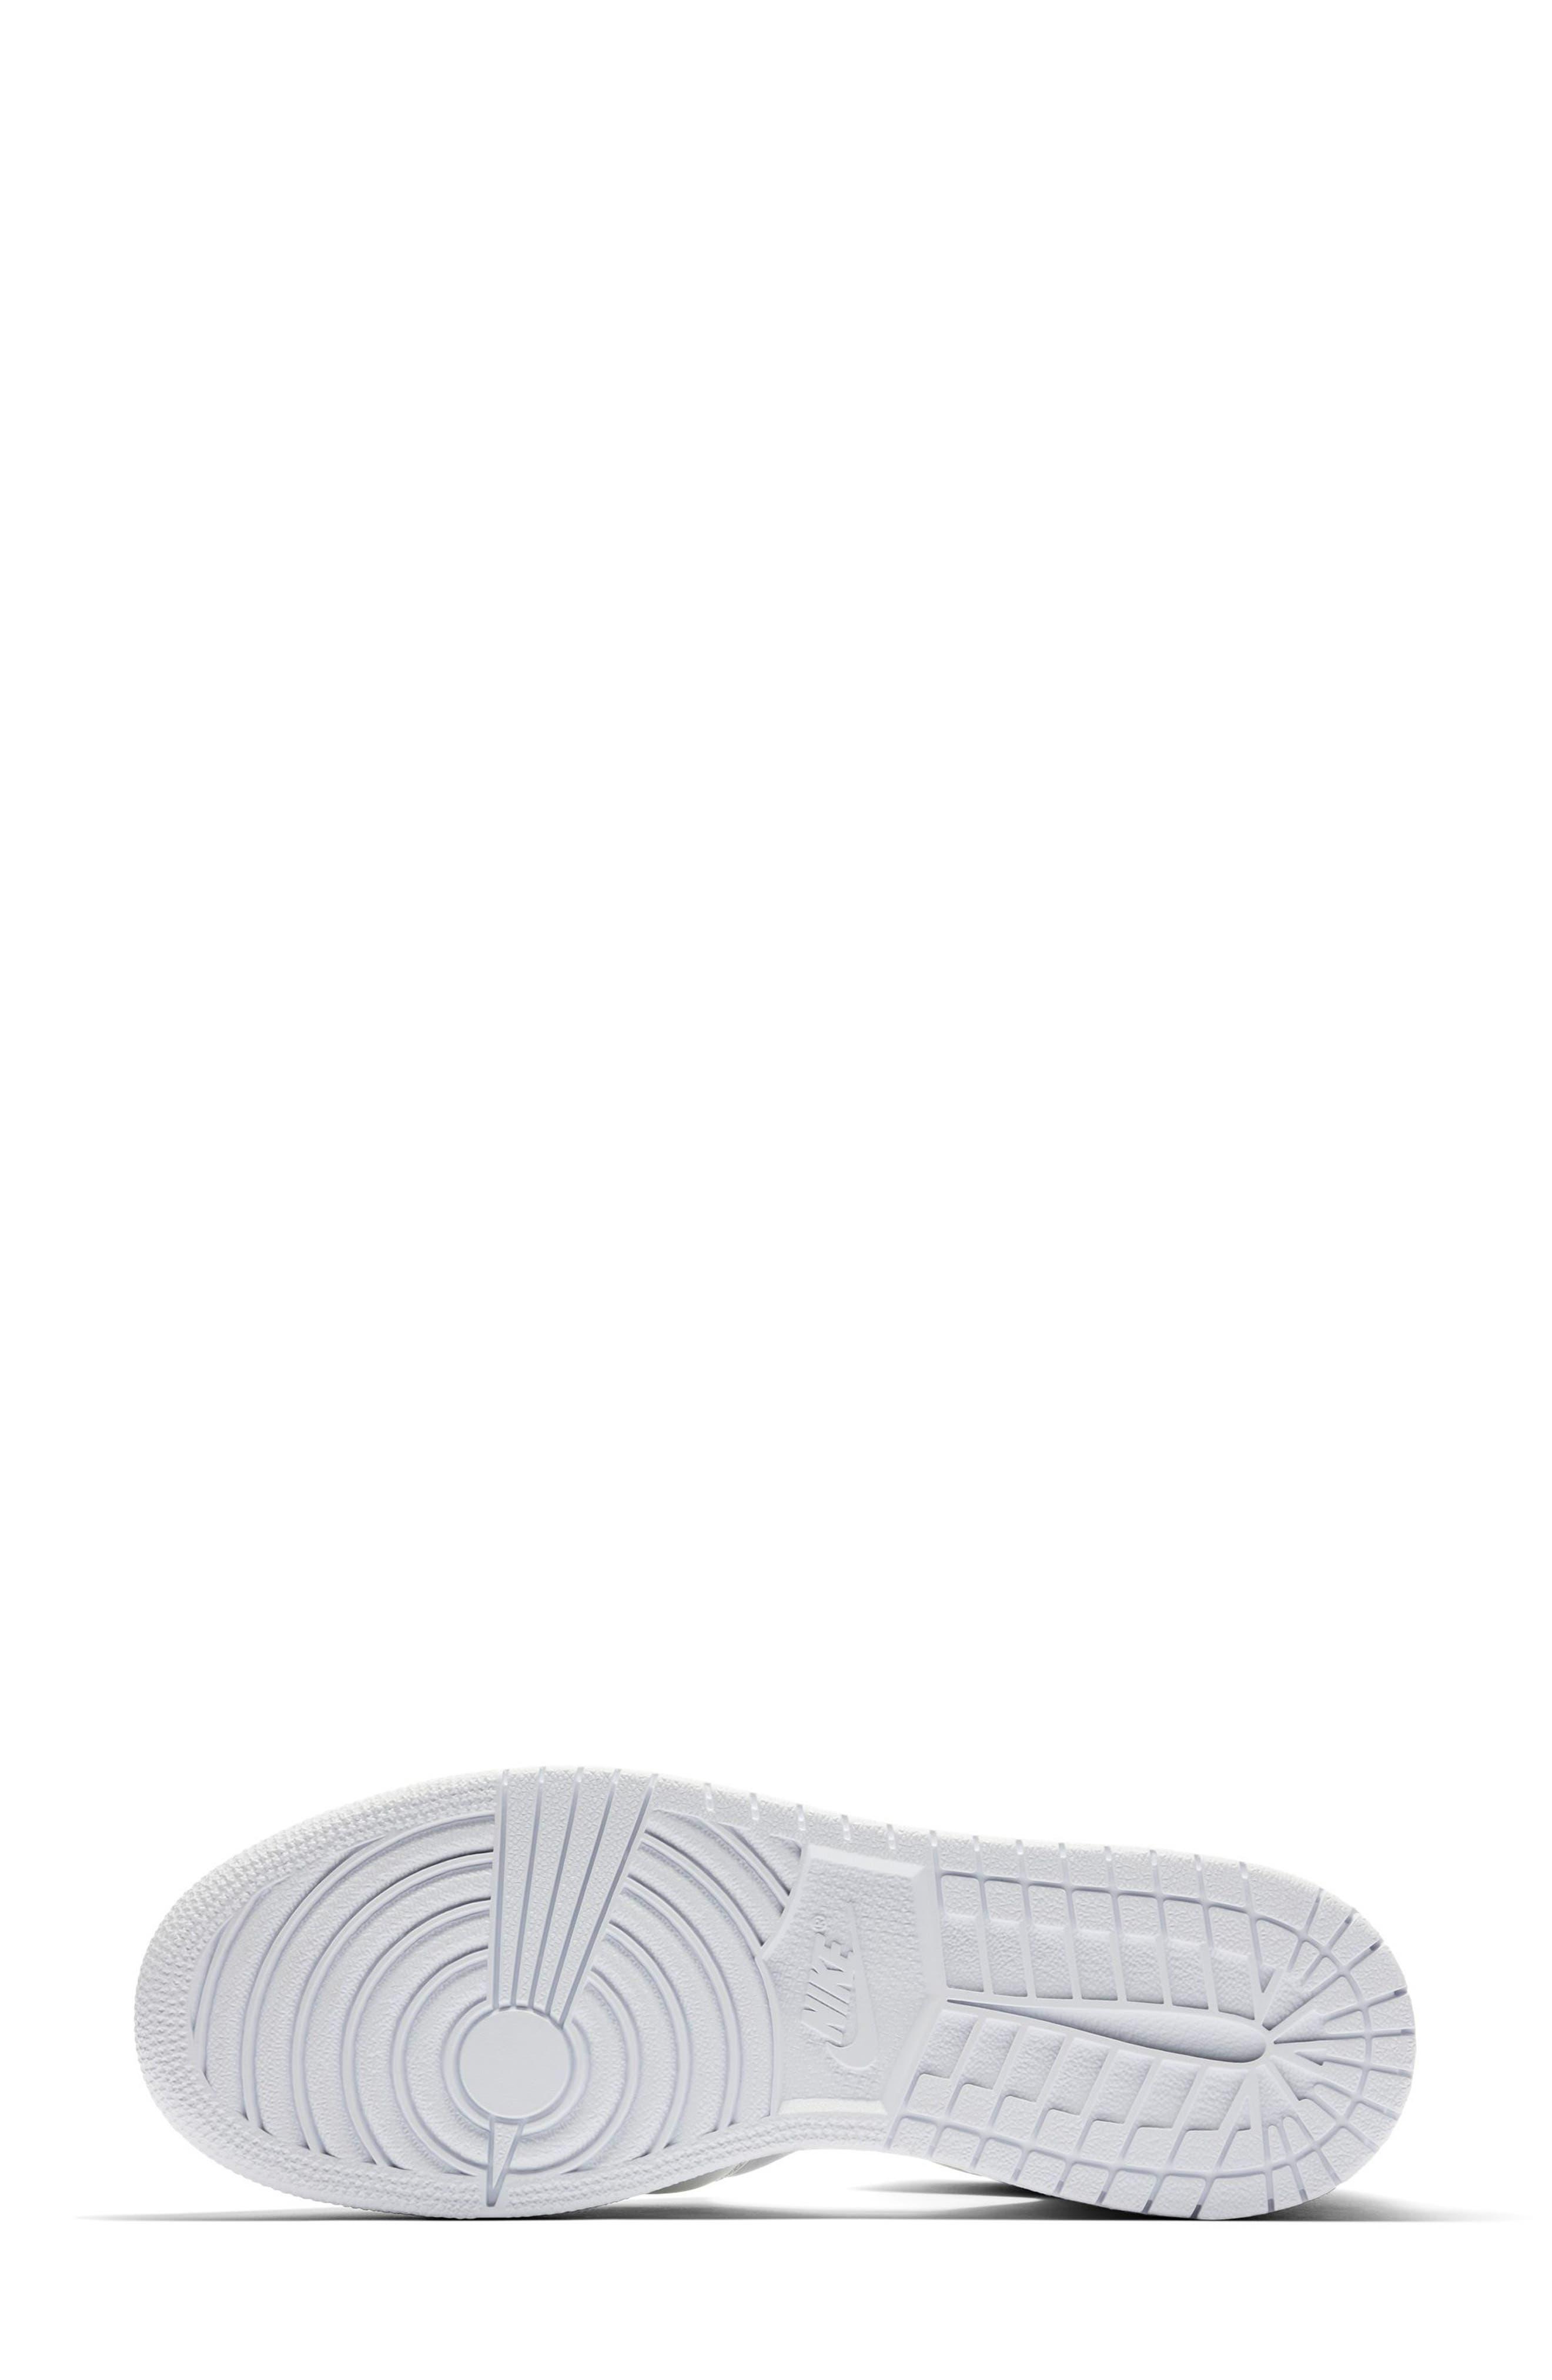 Air Jordan 1 Lover XX Ankle Strap Sneaker,                             Alternate thumbnail 5, color,                             100